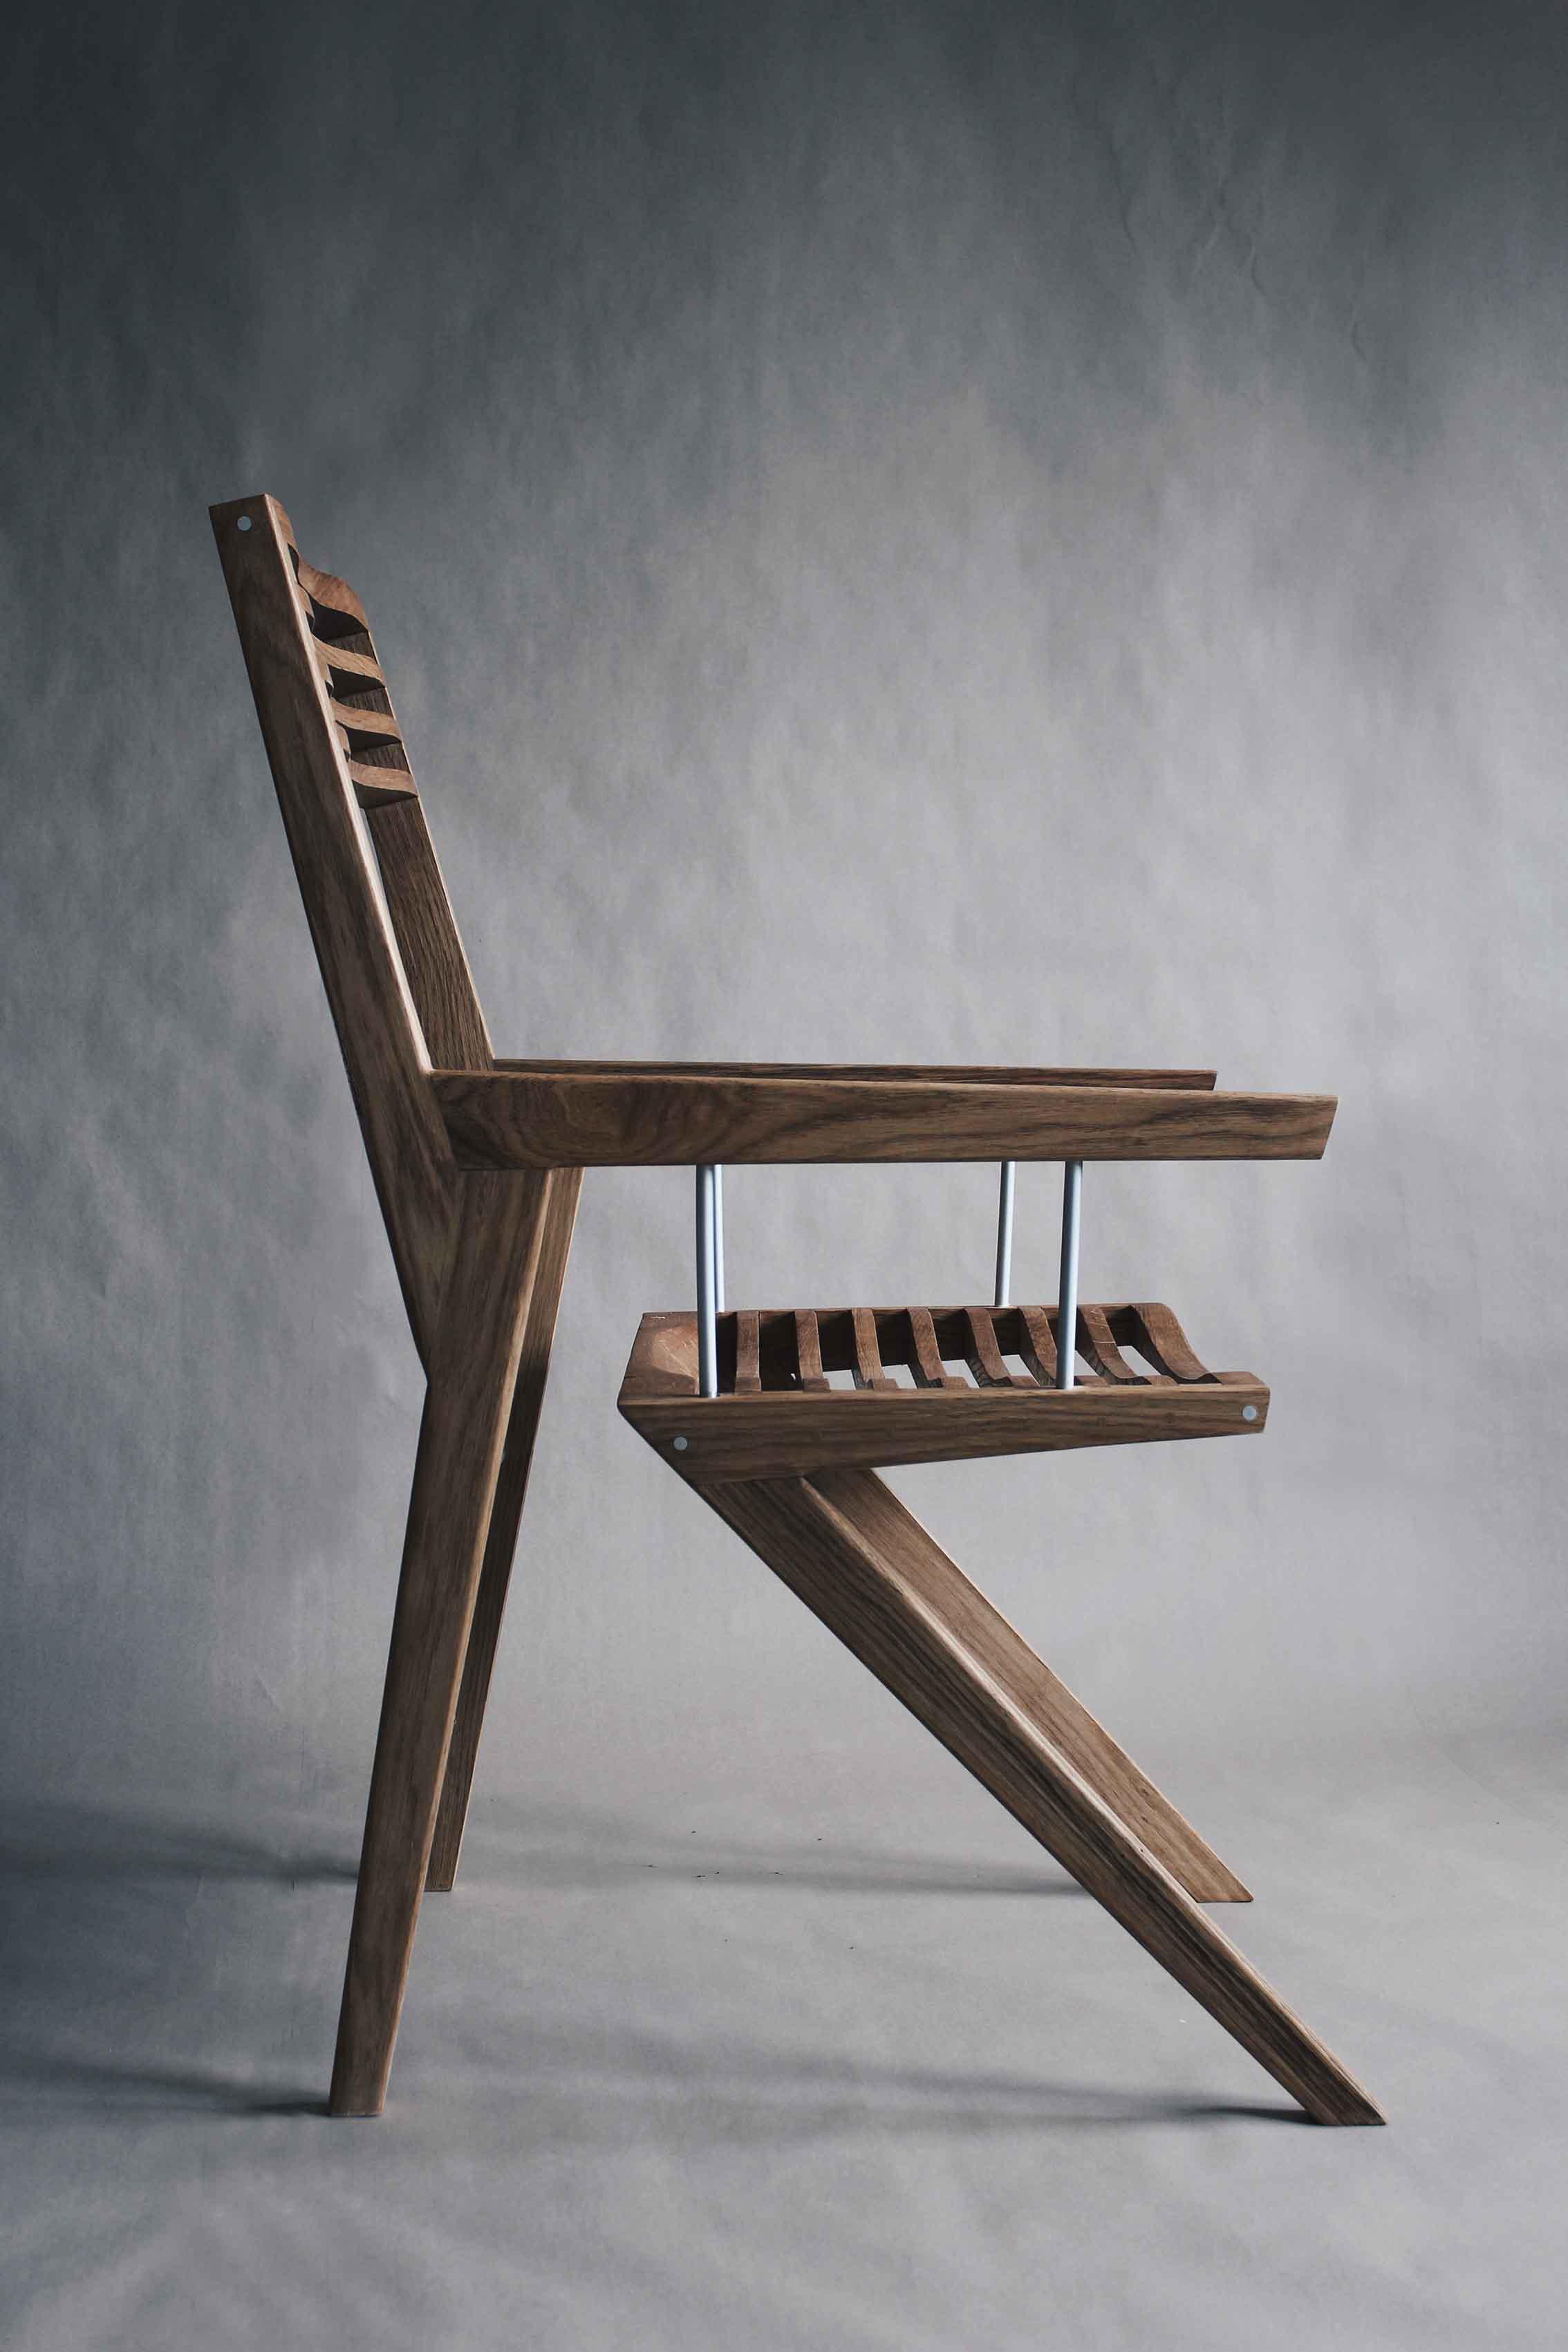 Designer: Jan Barič